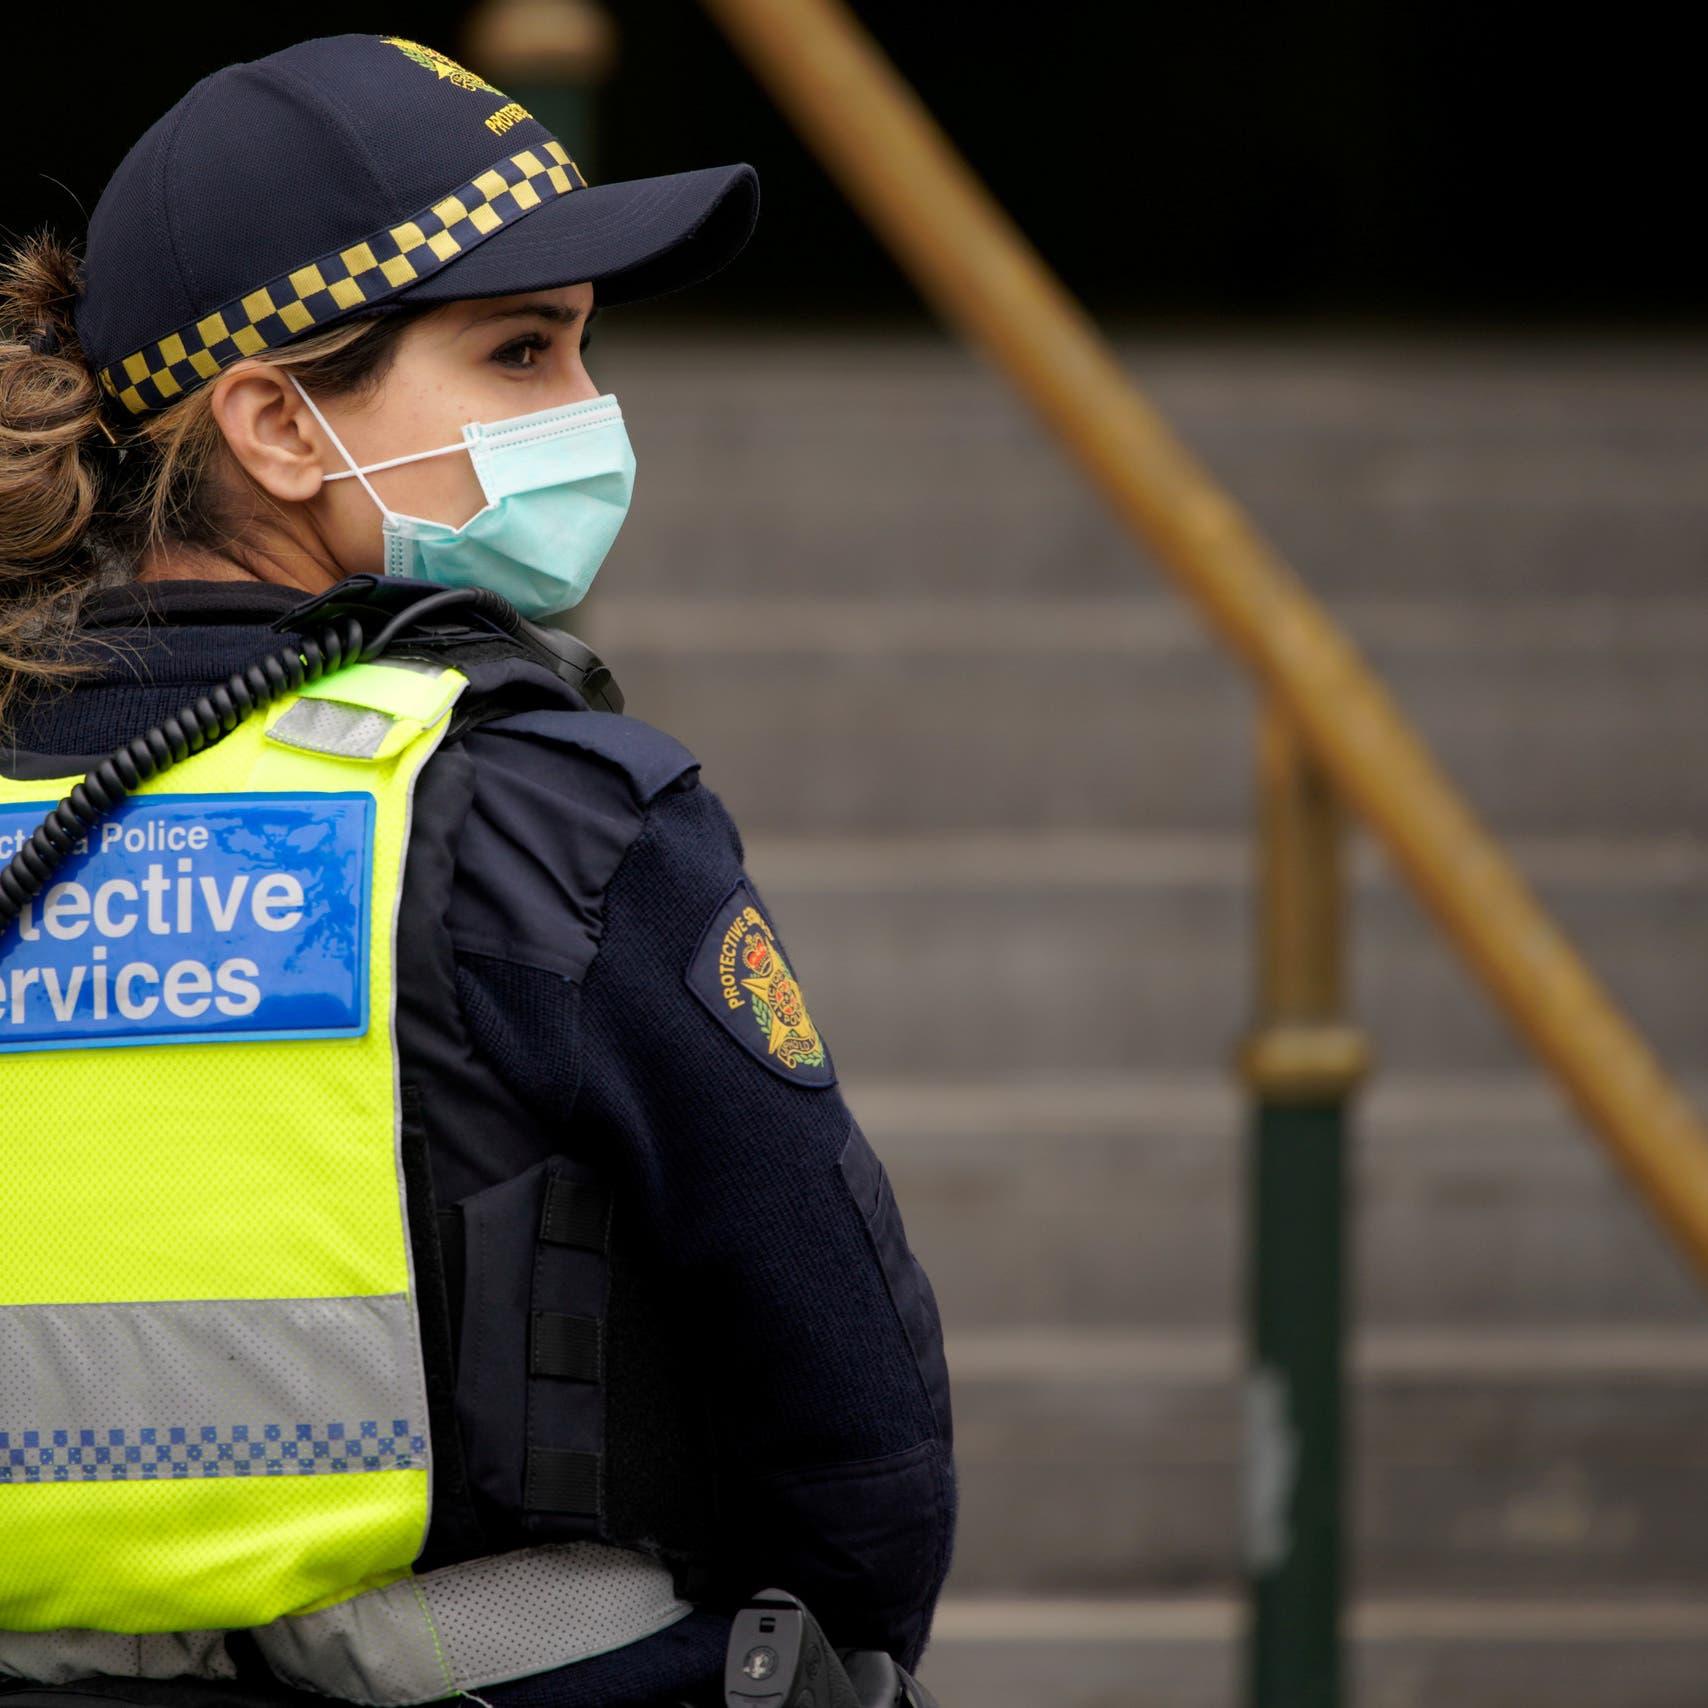 الوباء يحبس حياتنا القديمة.. دول تعود إلى الإغلاق